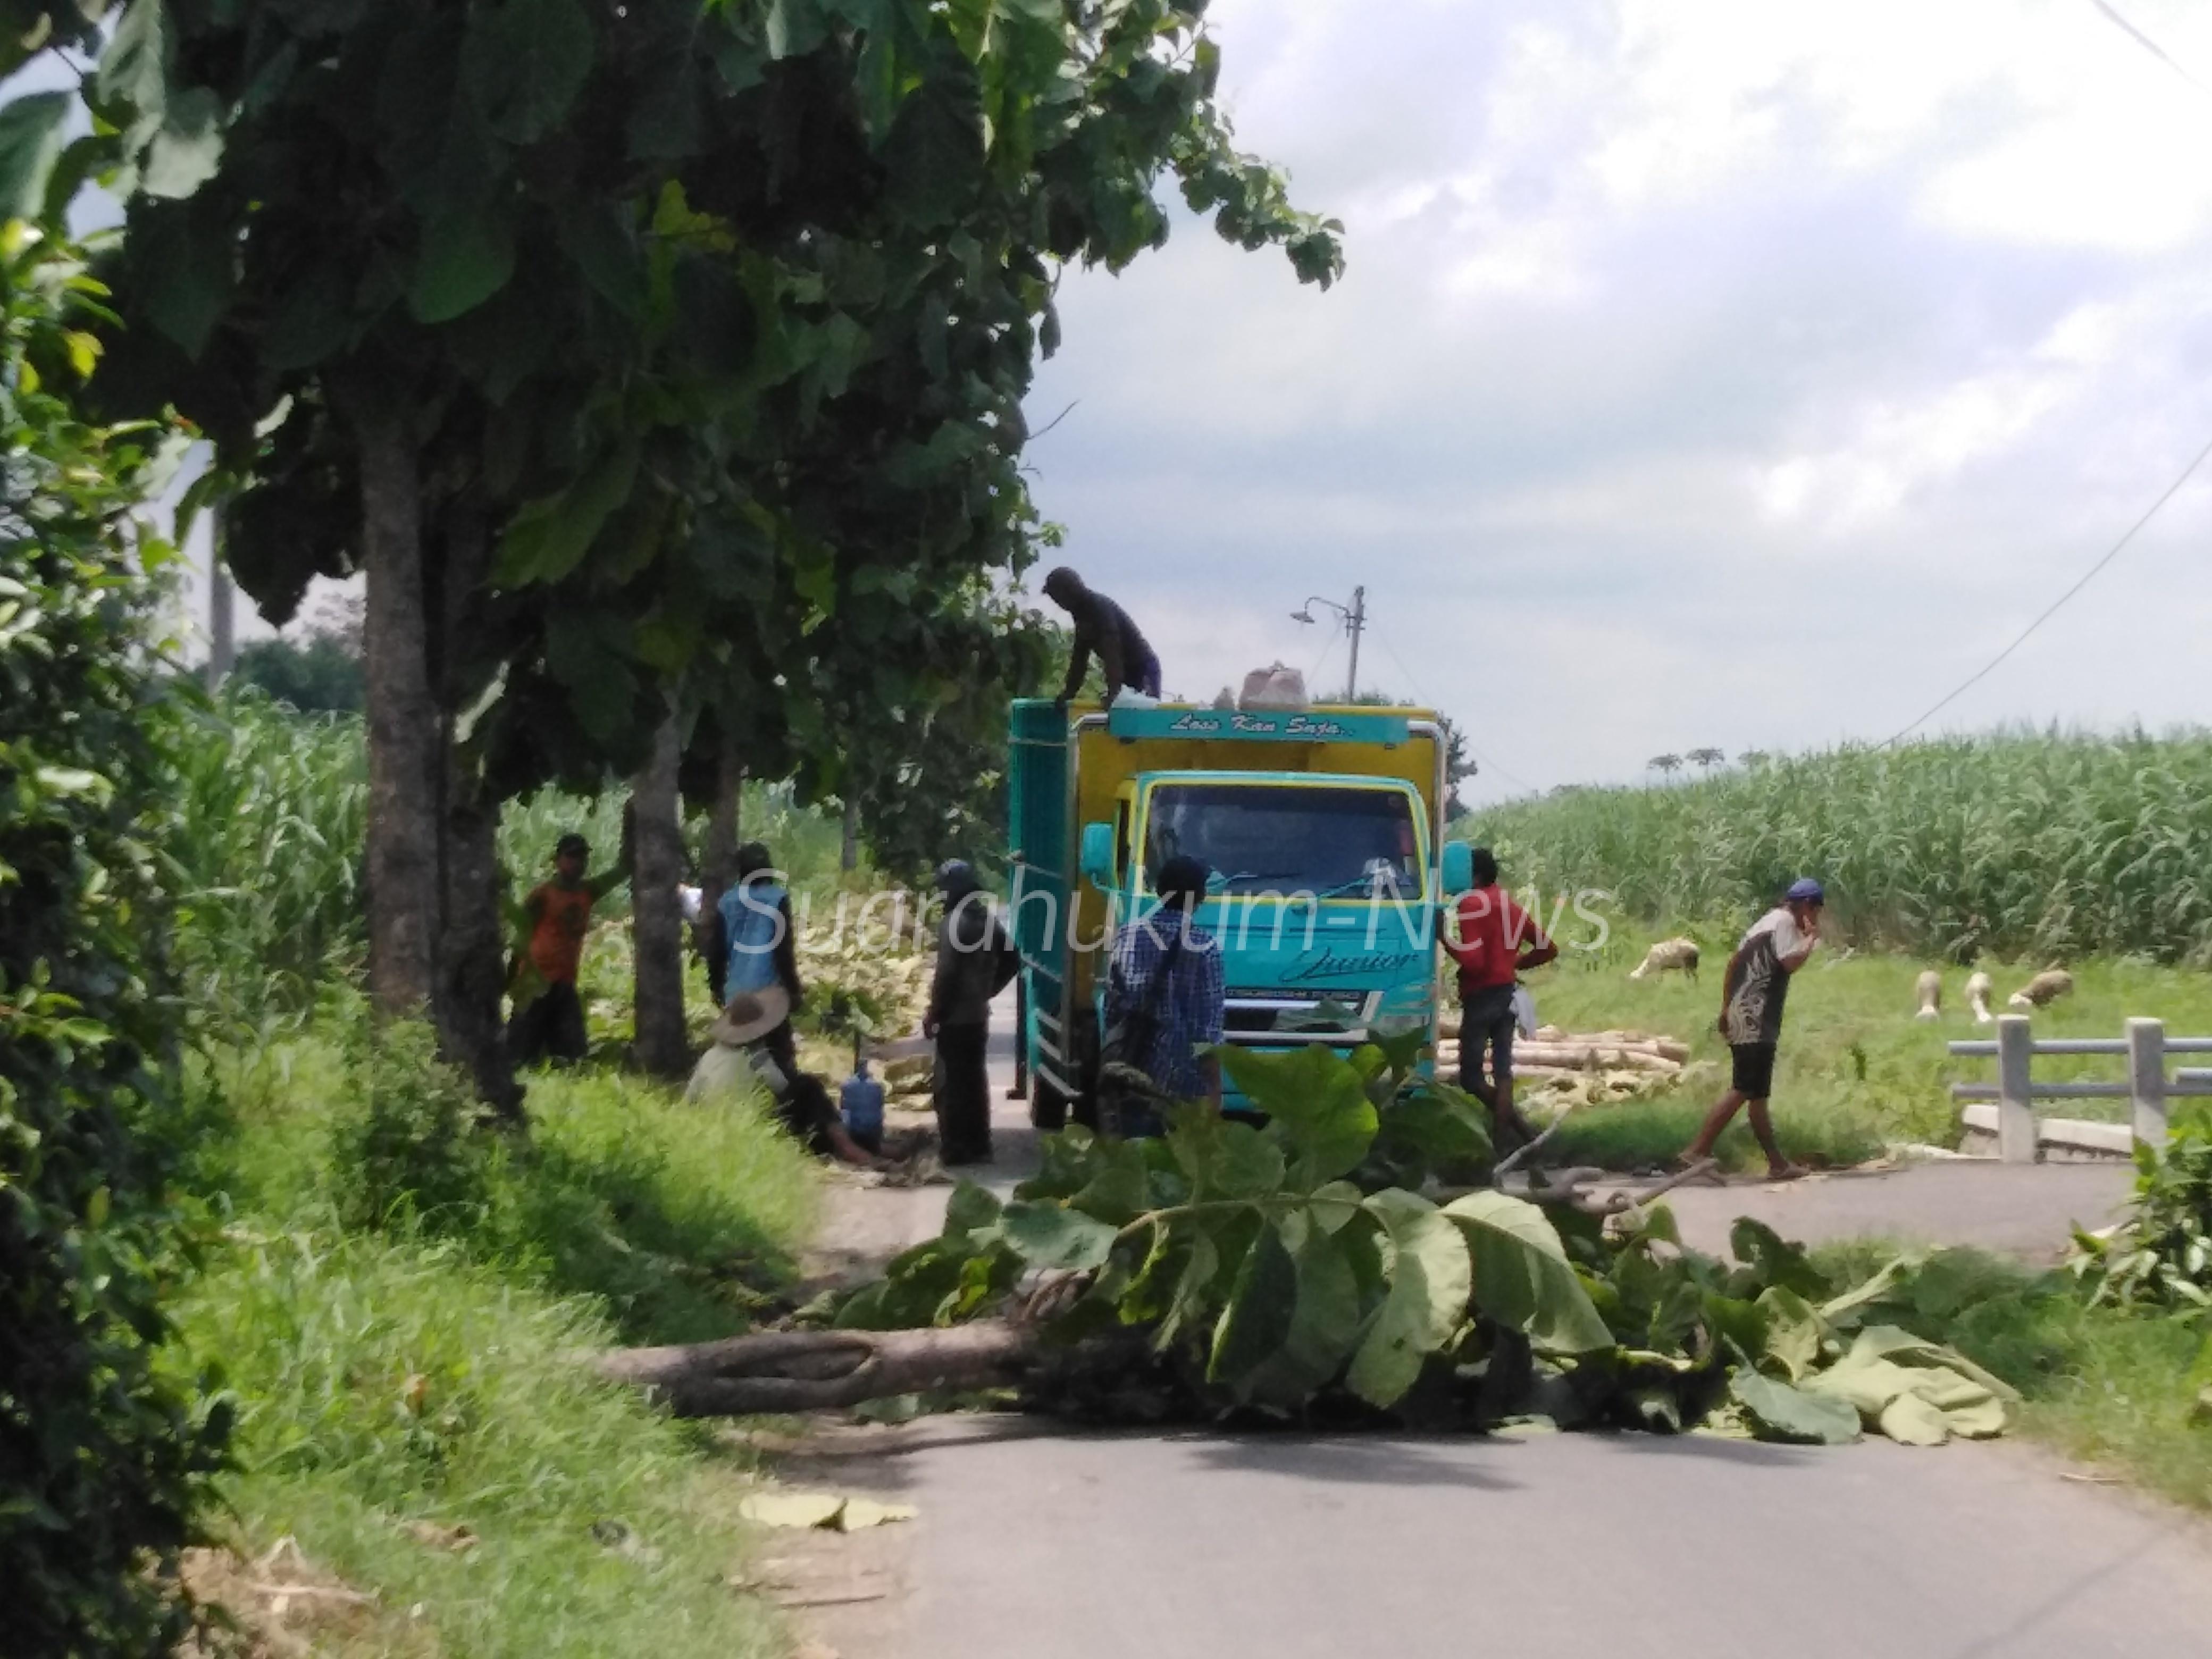 Tebang & Jual Pohon Di Jalan Kabupaten Tanpa Ijin , Sekda Suharyono: Harus Dikembalikan Pada Kas Negara